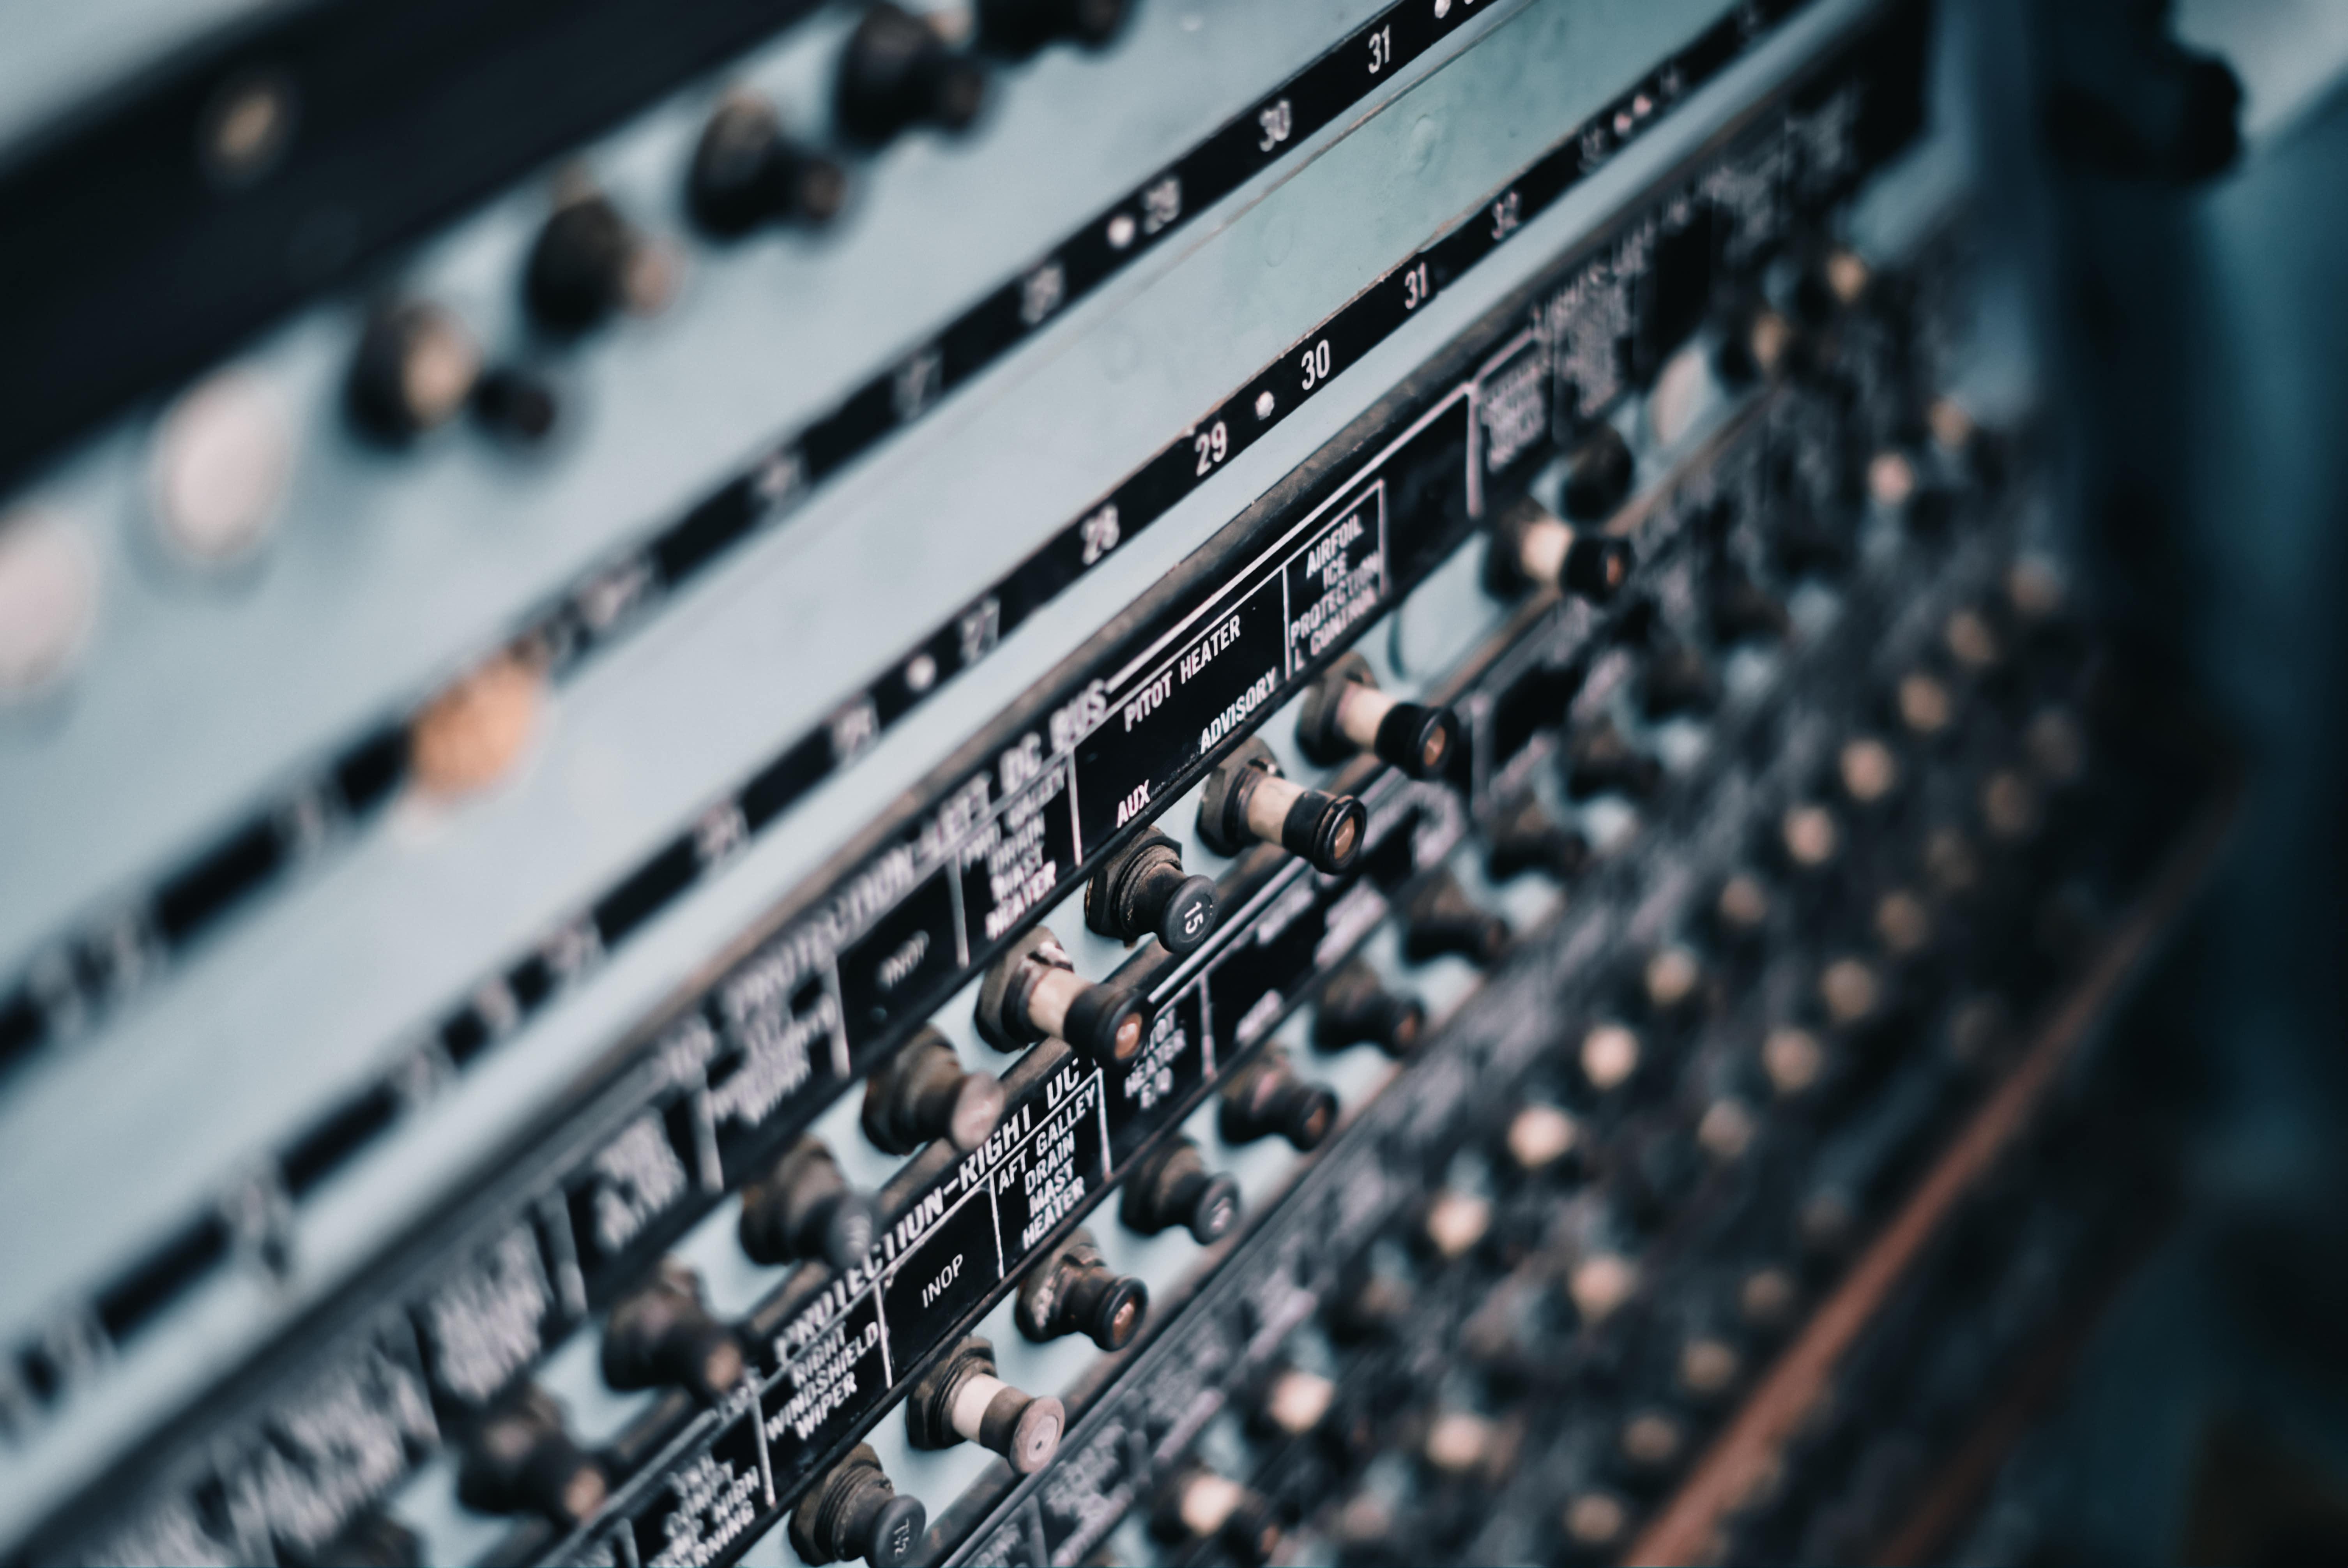 SQL Server database audit